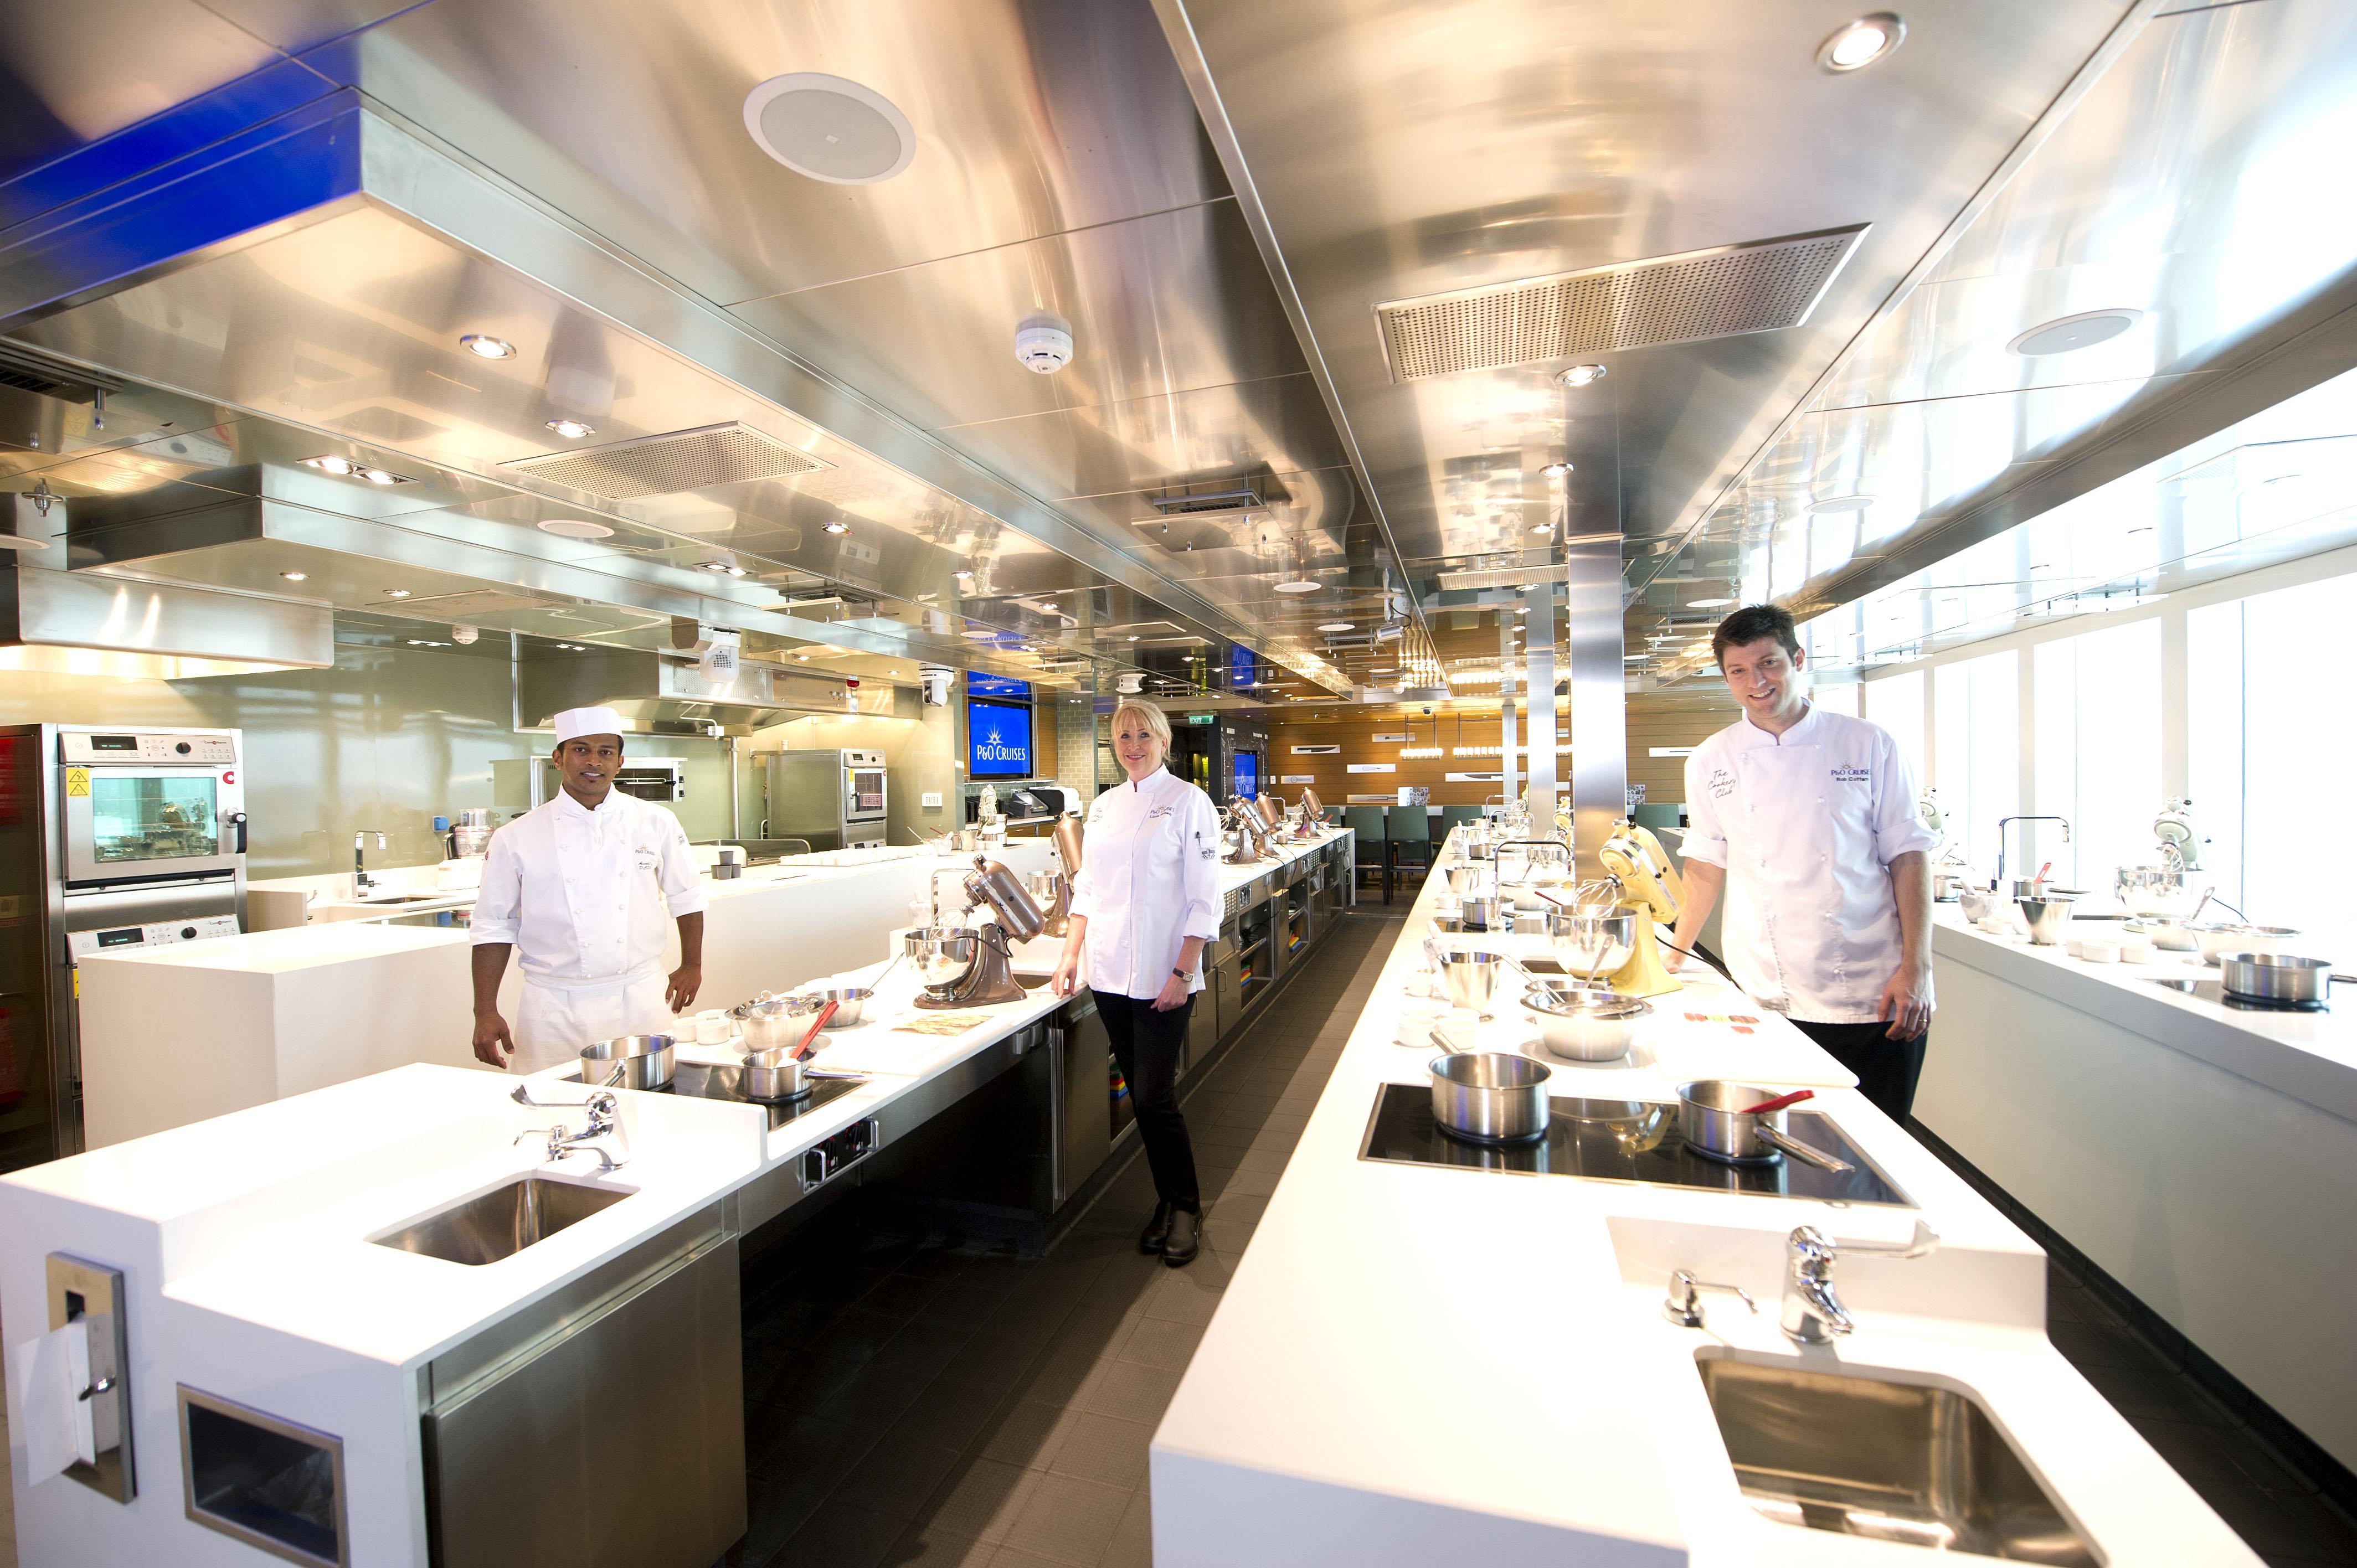 P&O Cruises Britannia Interior Cookery Club Ds39524.jpg